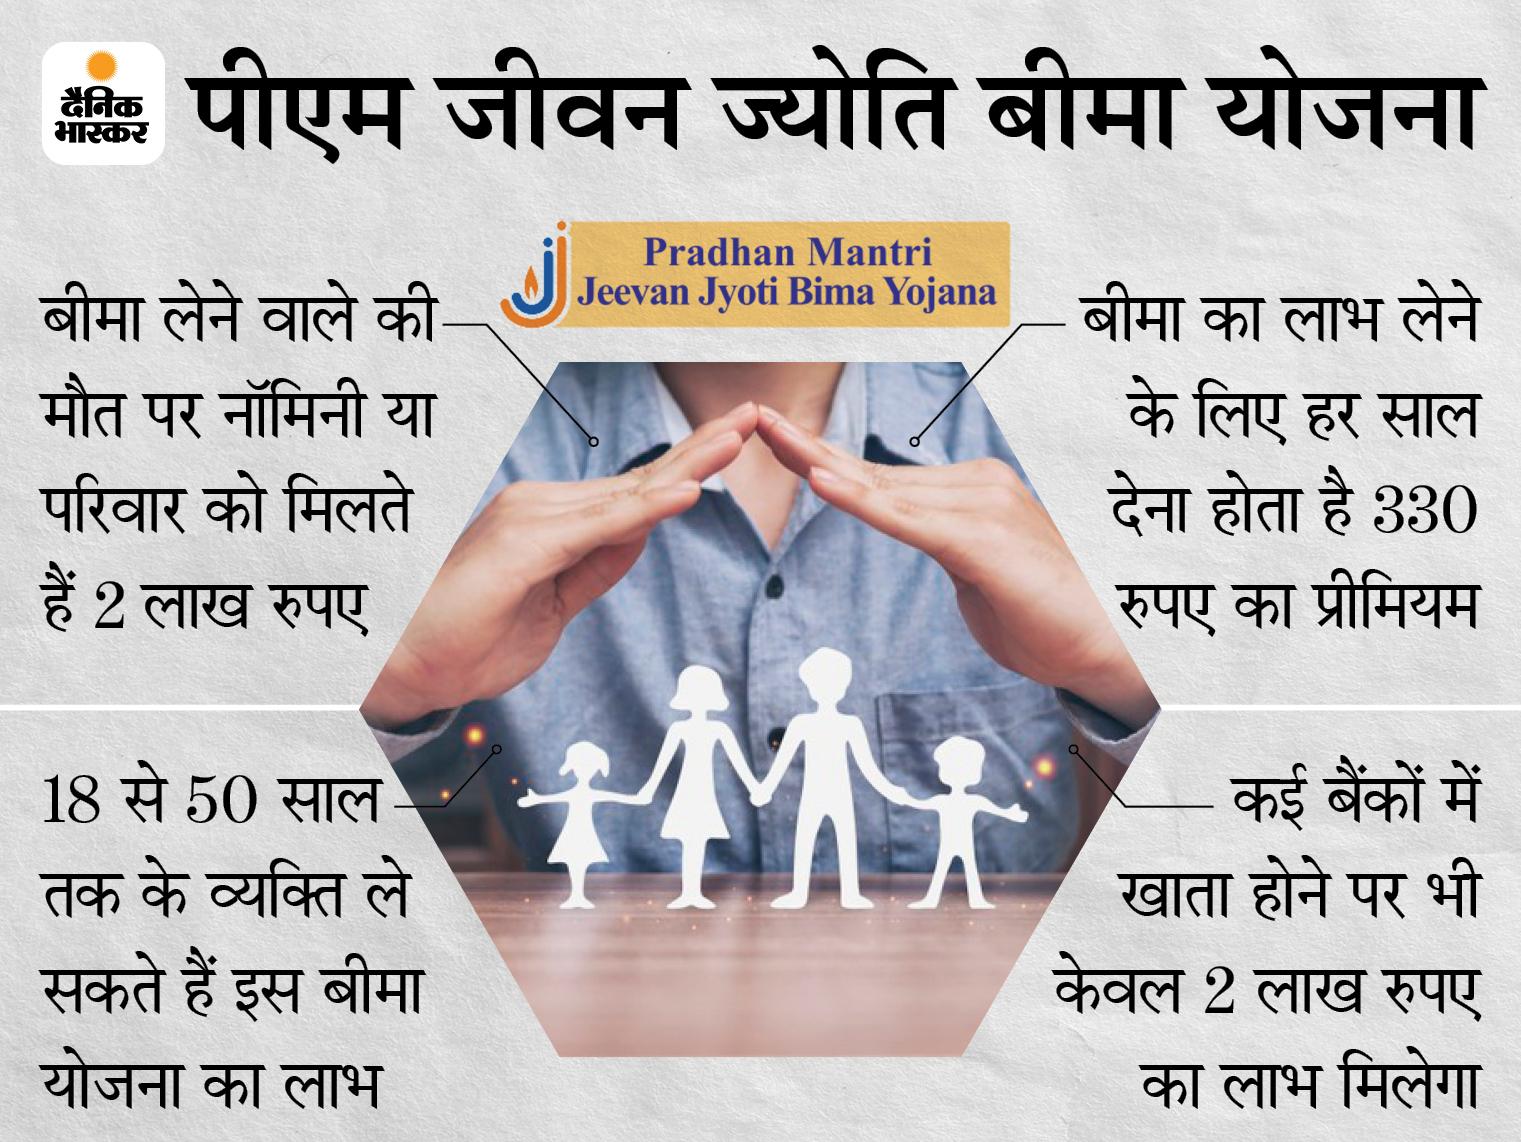 2020-21 में इस योजना के तहत 2.35 लाख दावों को मिली मंजूरी, सरकार ने 4698 करोड़ रुपए का भुगतान किया|बिजनेस,Business - Dainik Bhaskar